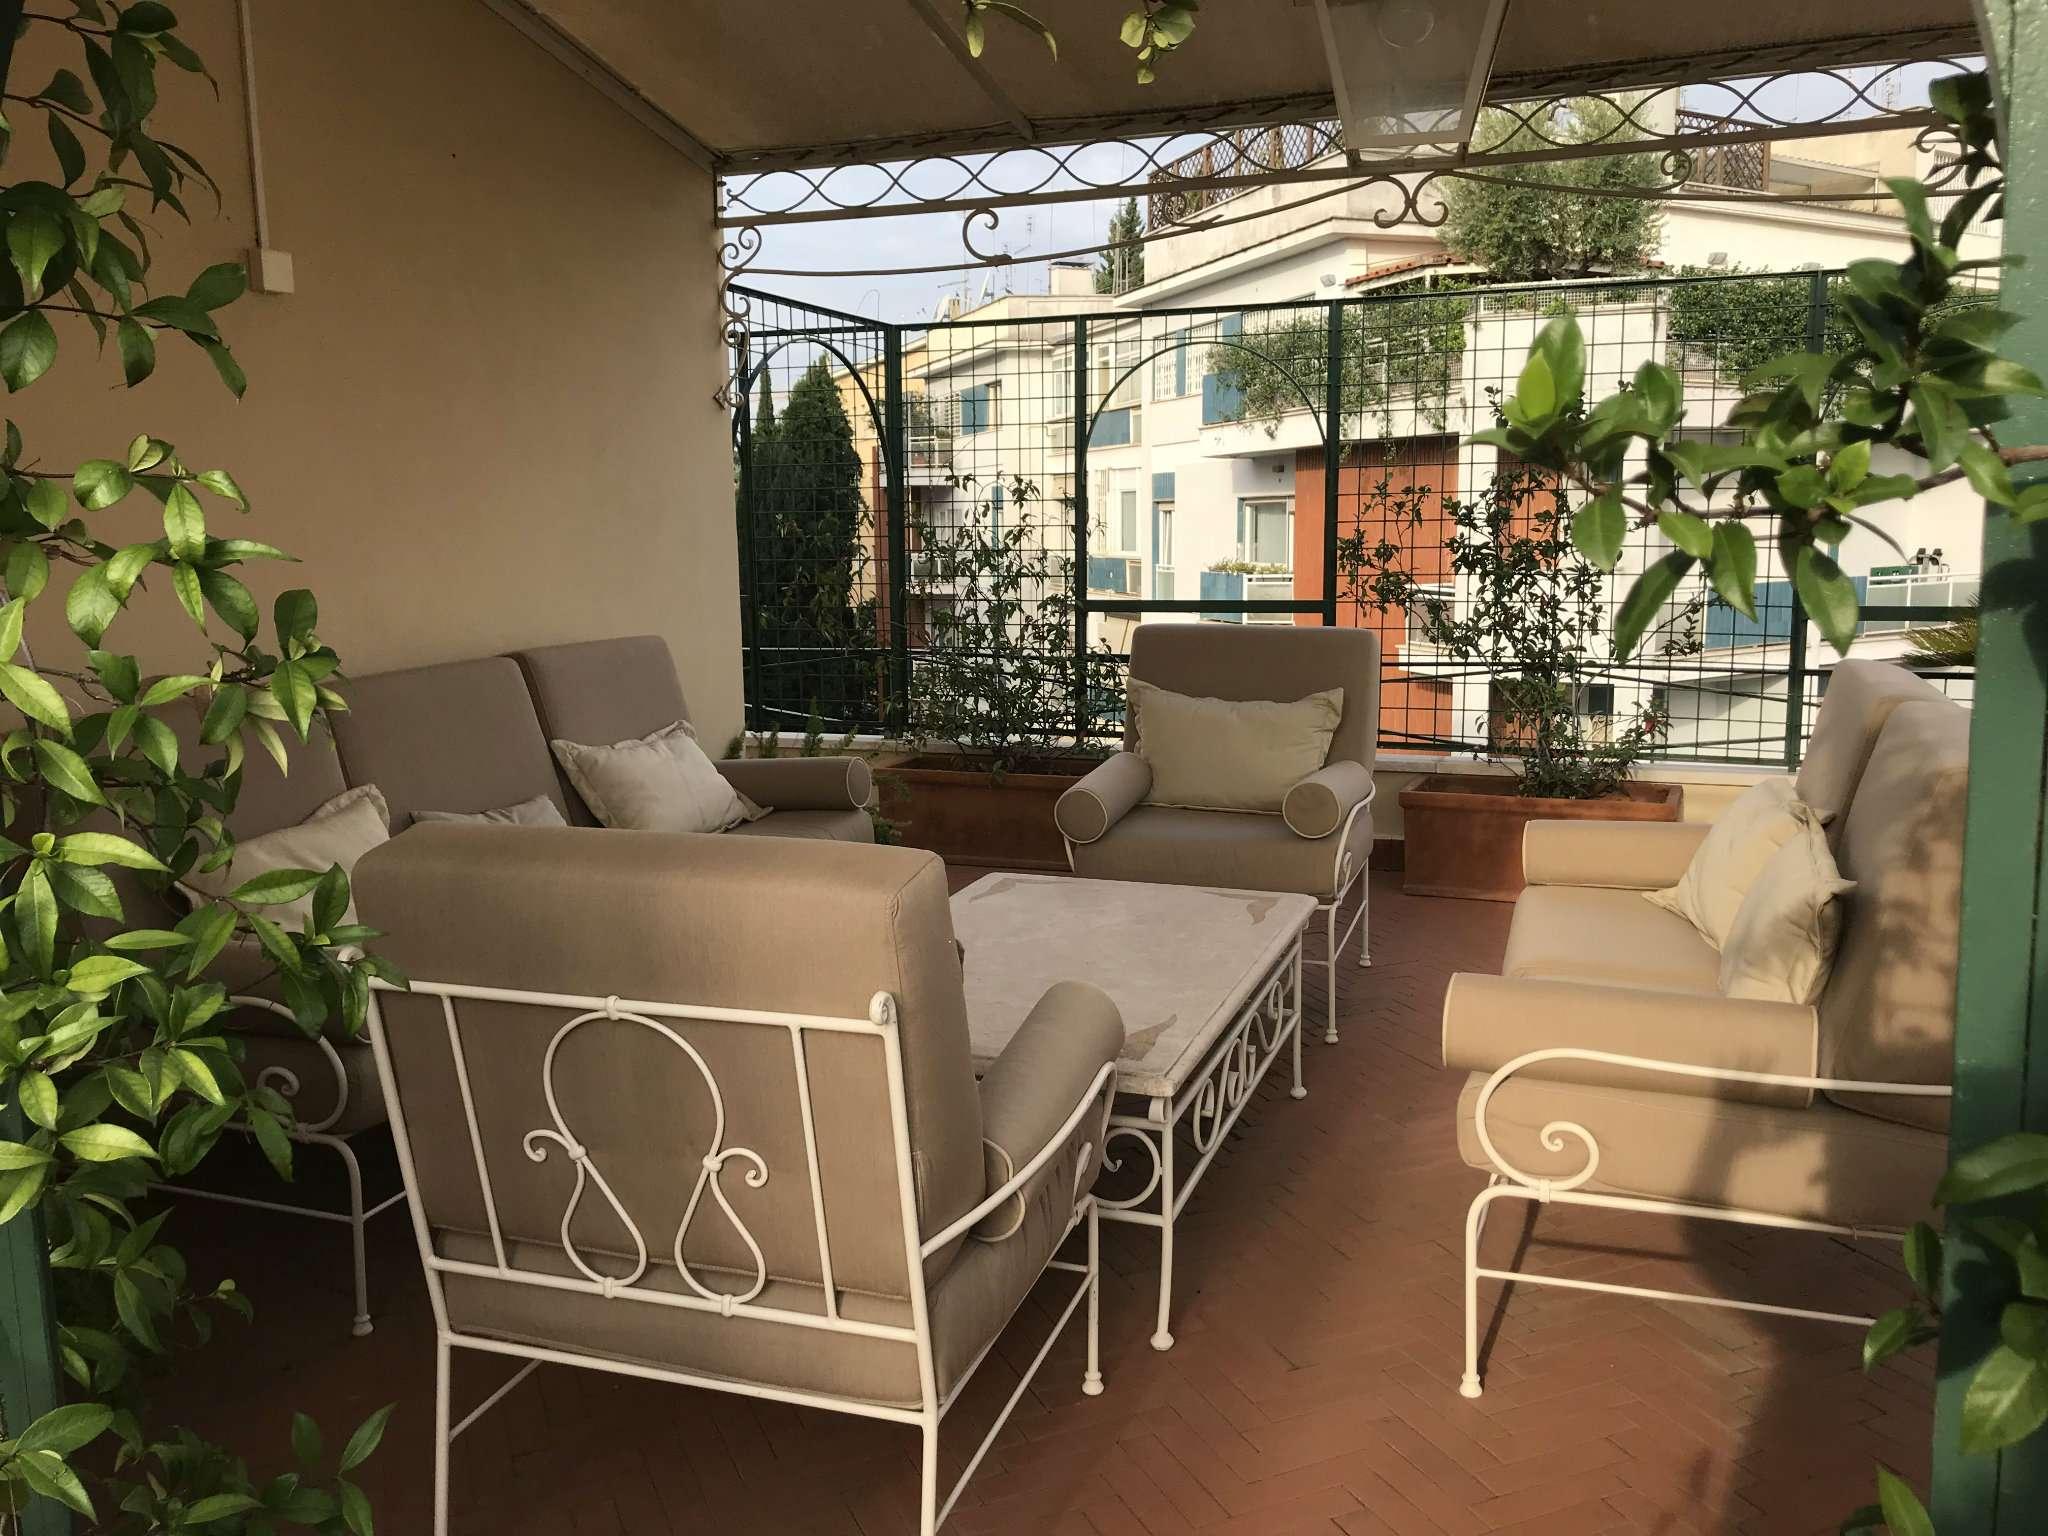 Appartamento in vendita a Roma, 6 locali, zona Zona: 2 . Flaminio, Parioli, Pinciano, Villa Borghese, prezzo € 1.500.000 | CambioCasa.it